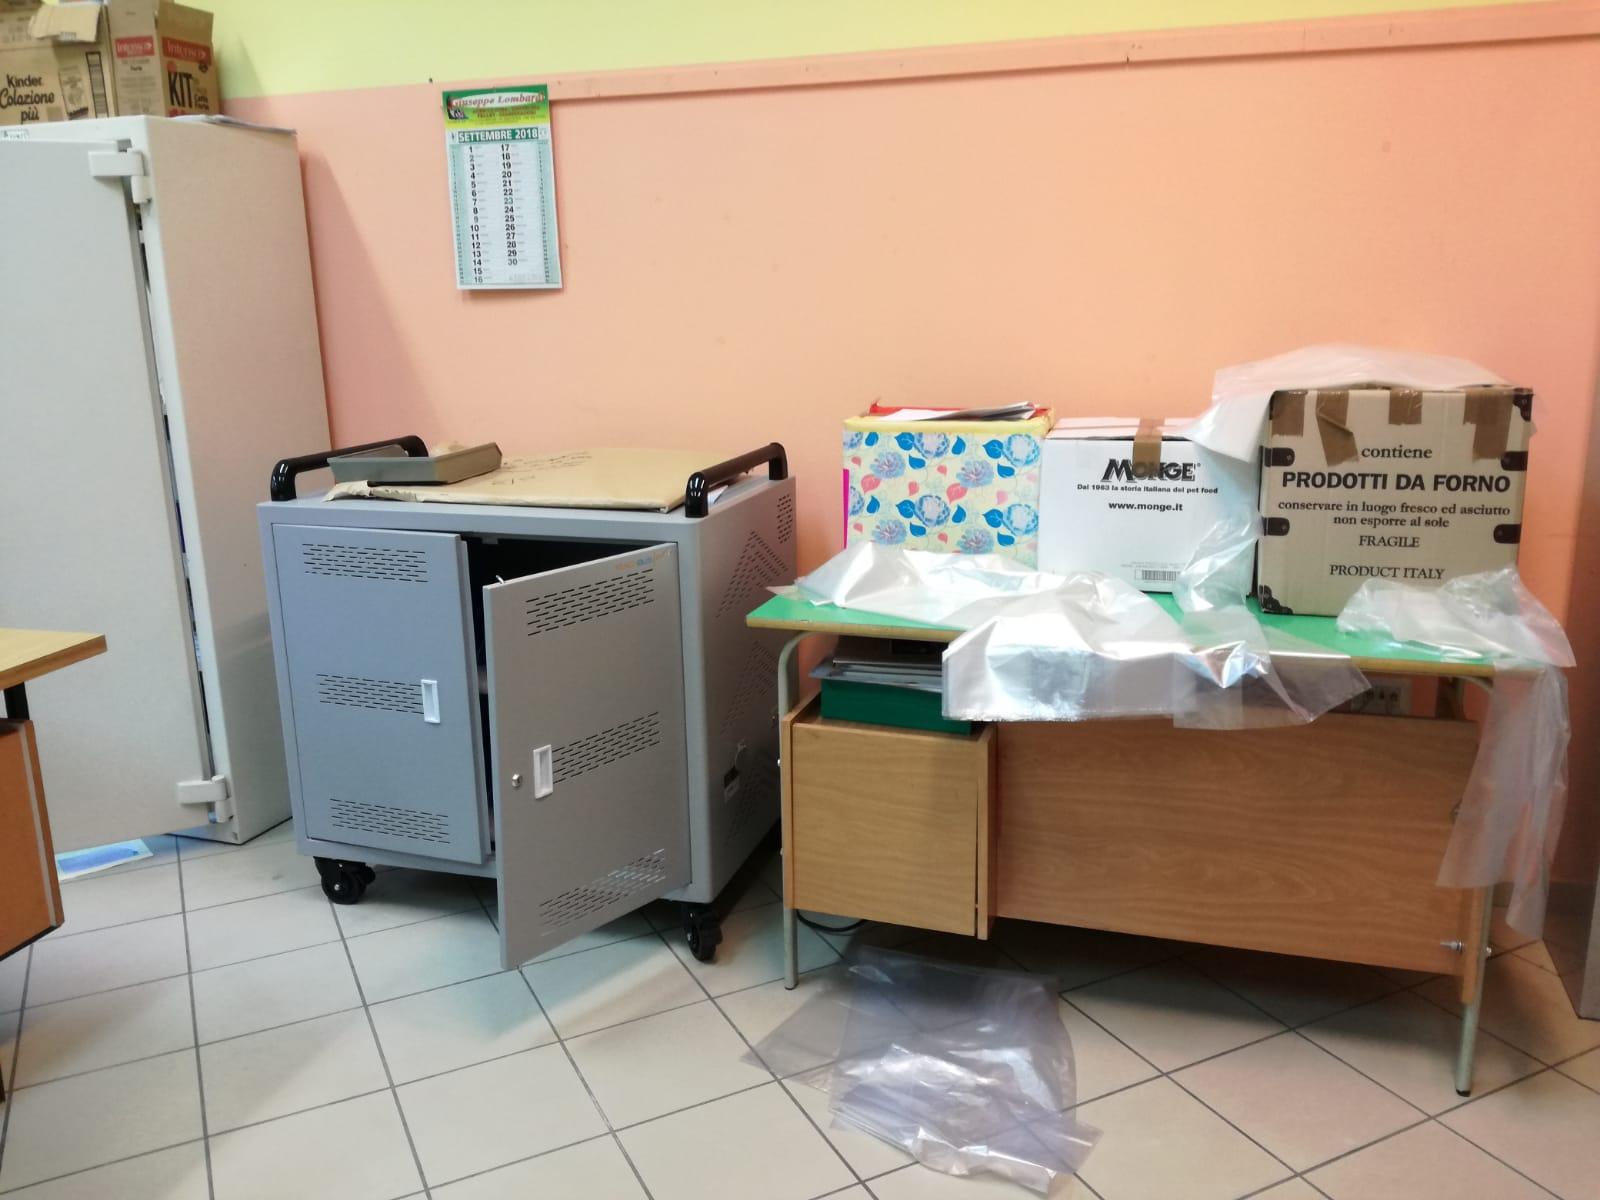 Colli a Volturno: ladri in azione all'interno della scuola. Portati via 19 computer portatili. Indagini in corso dei Carabinieri.